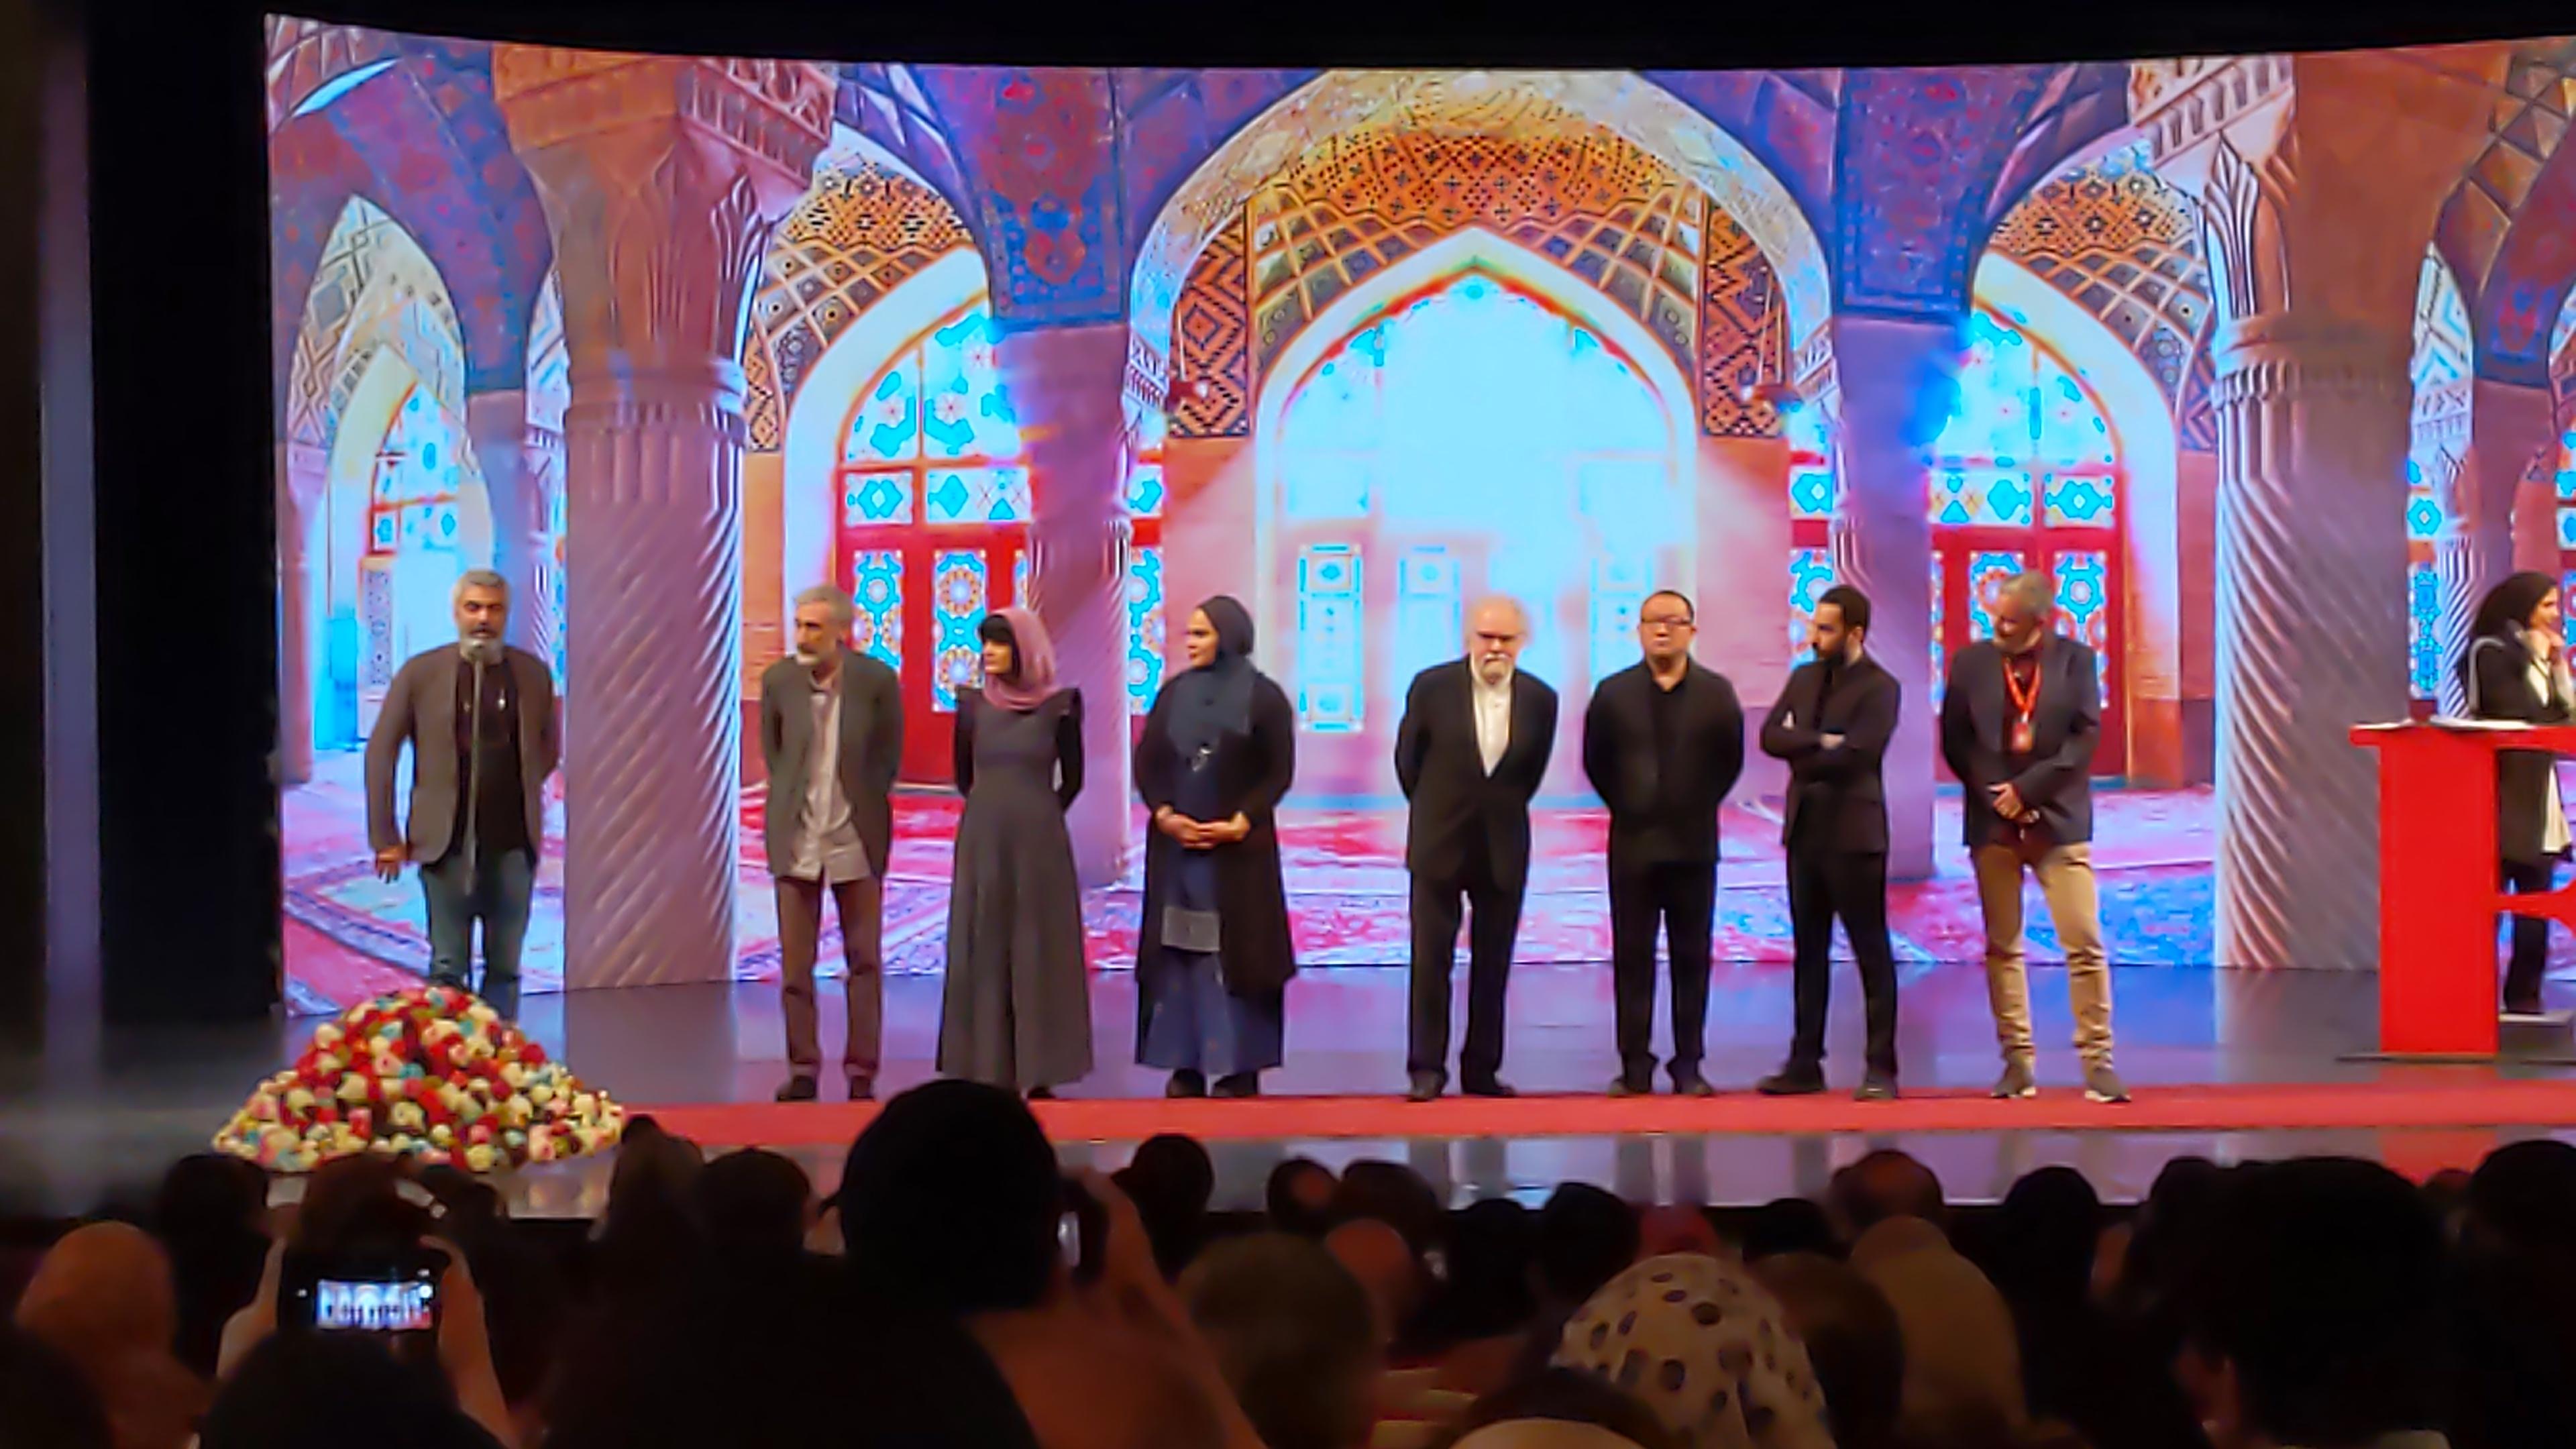 土国艺术电影最强背影杀手:莫札菲 Muzaffer Özdemir与国际评审团排排站